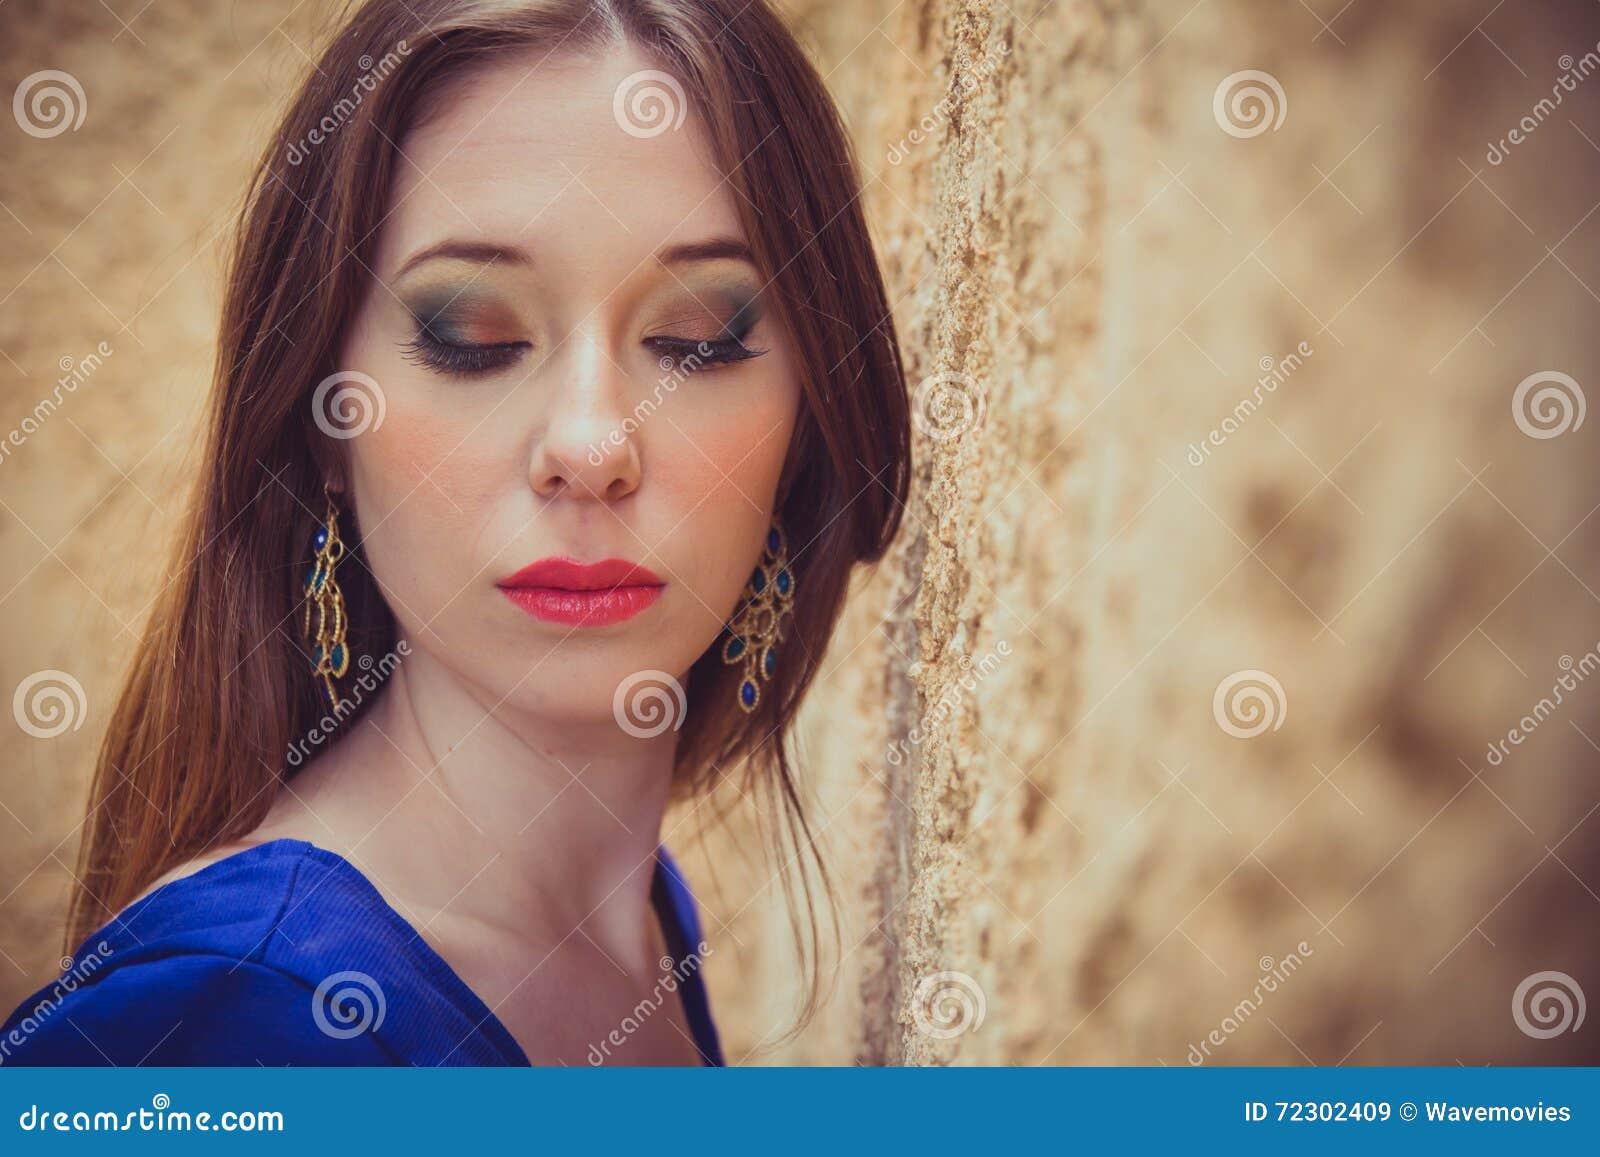 drummond brunette close - photo #23